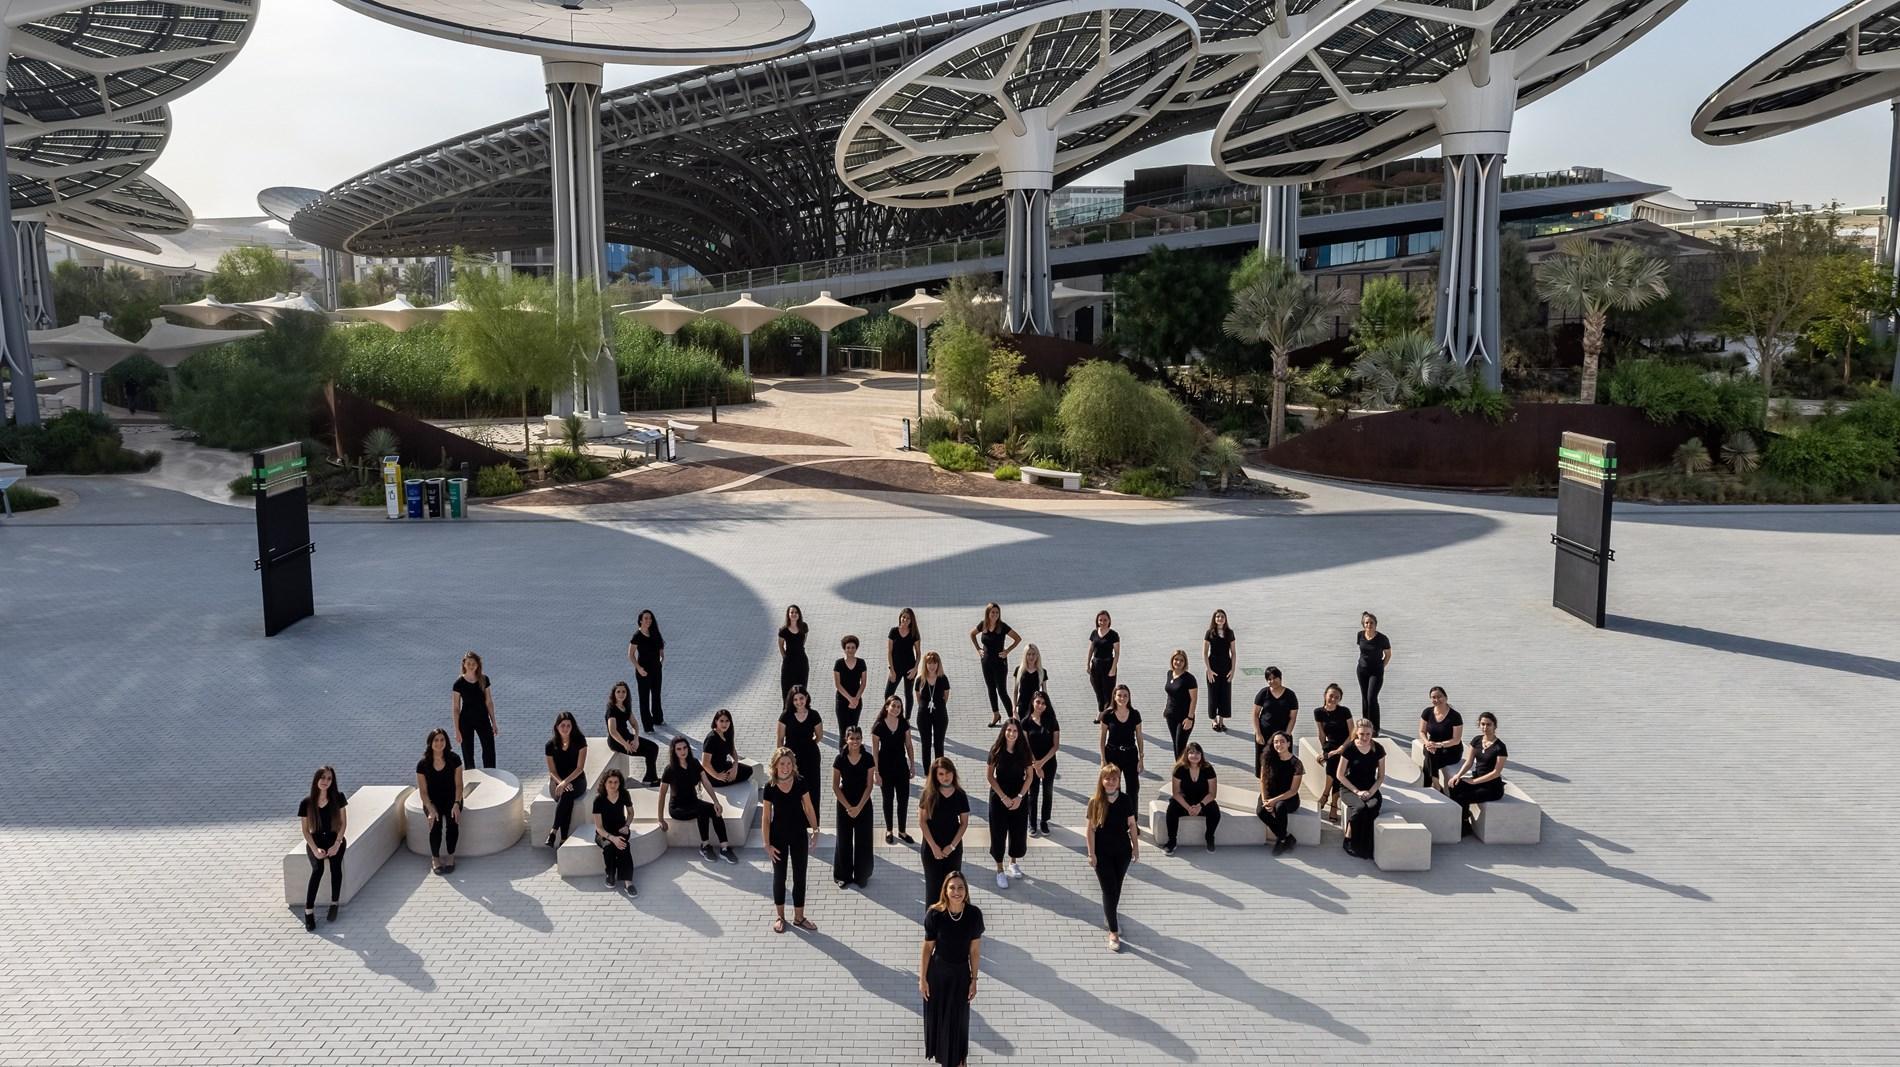 """فيديو يقدم لمحة عن أوركسترا الفردوس قبل انطلاق """"إكسبو 2020 دبي"""""""